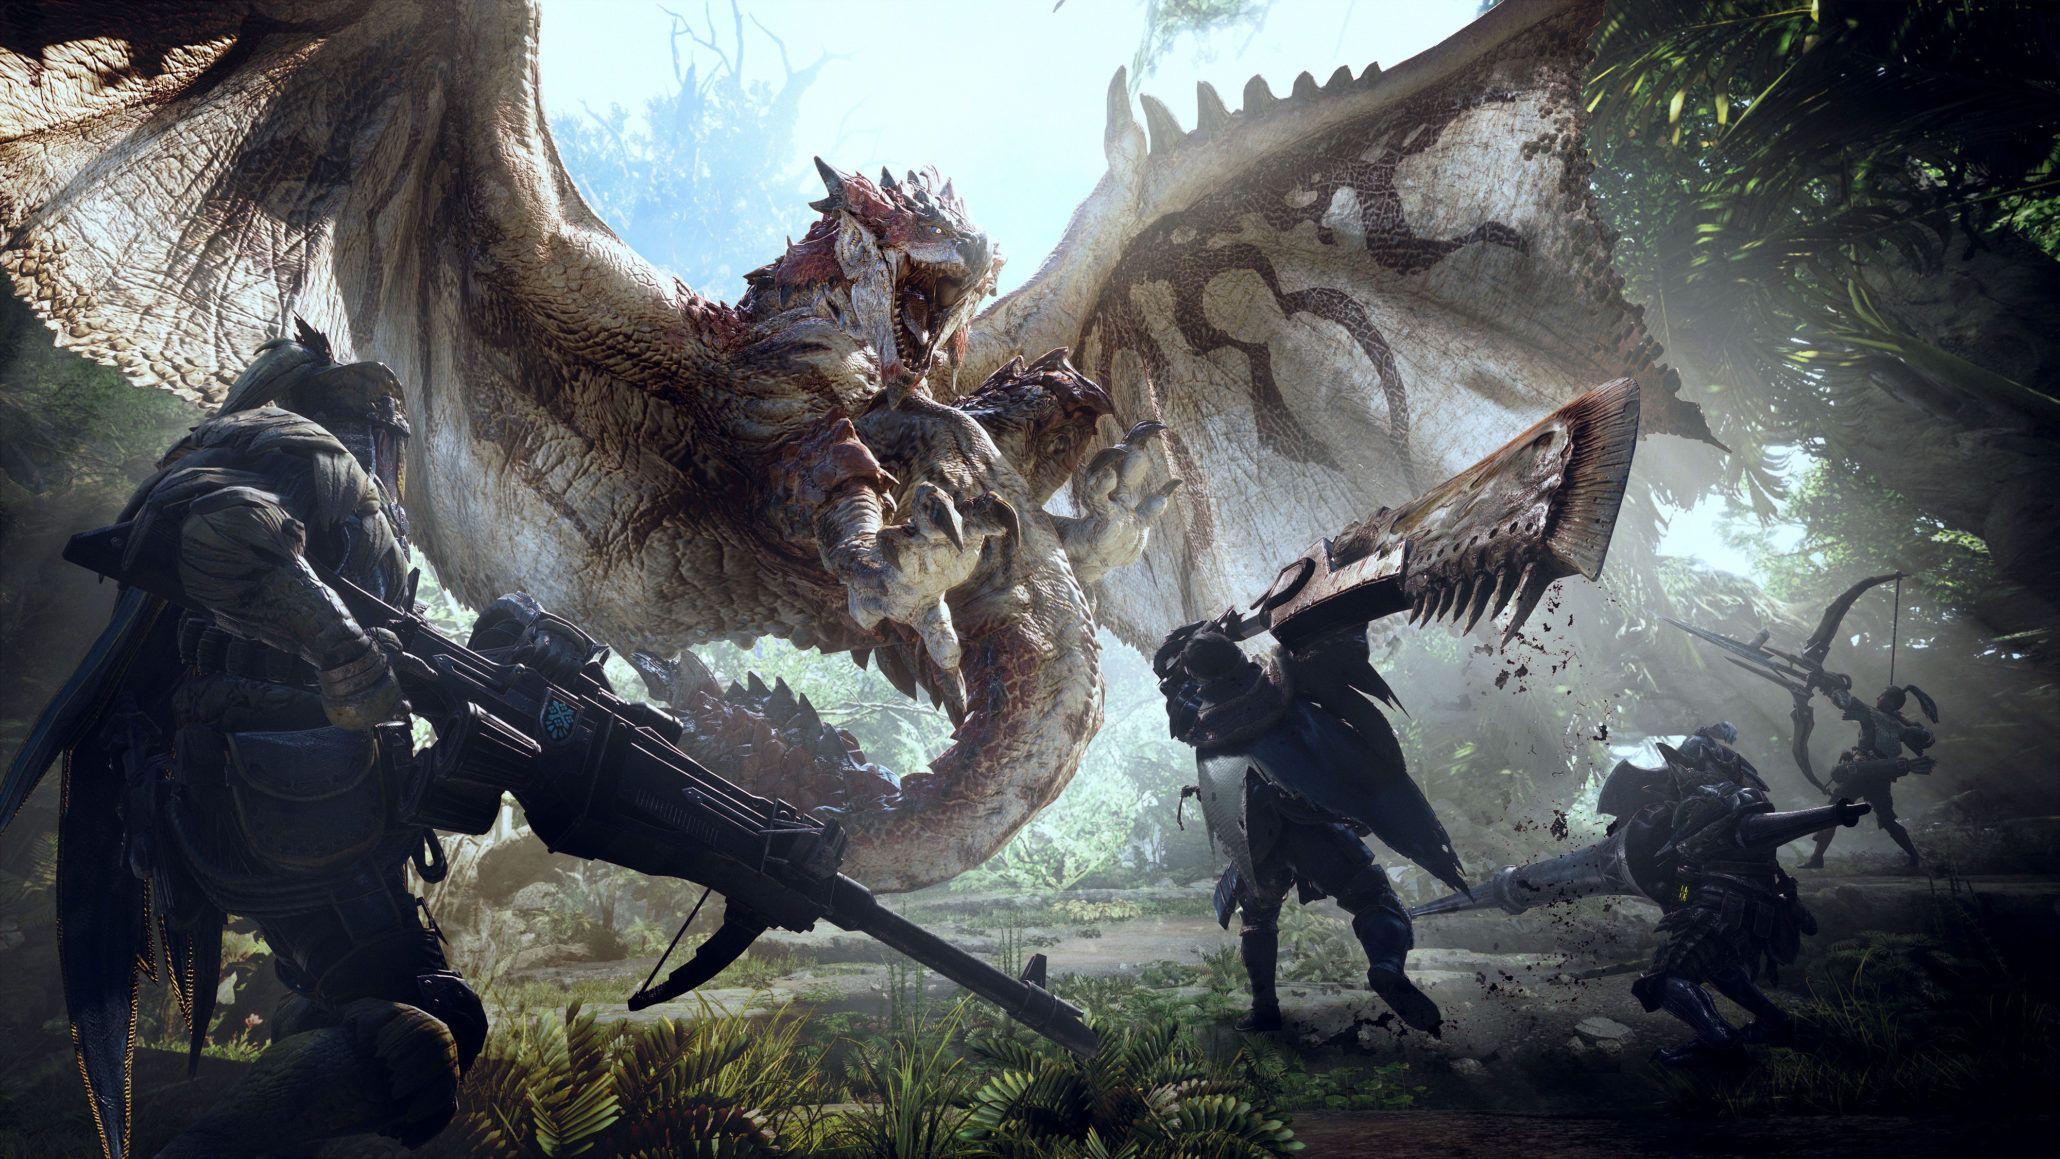 Image Result For Monster Hunter Wallpaper Elder Dragons Monster Hunter World Wallpaper Monster Hunter World Monster Hunter